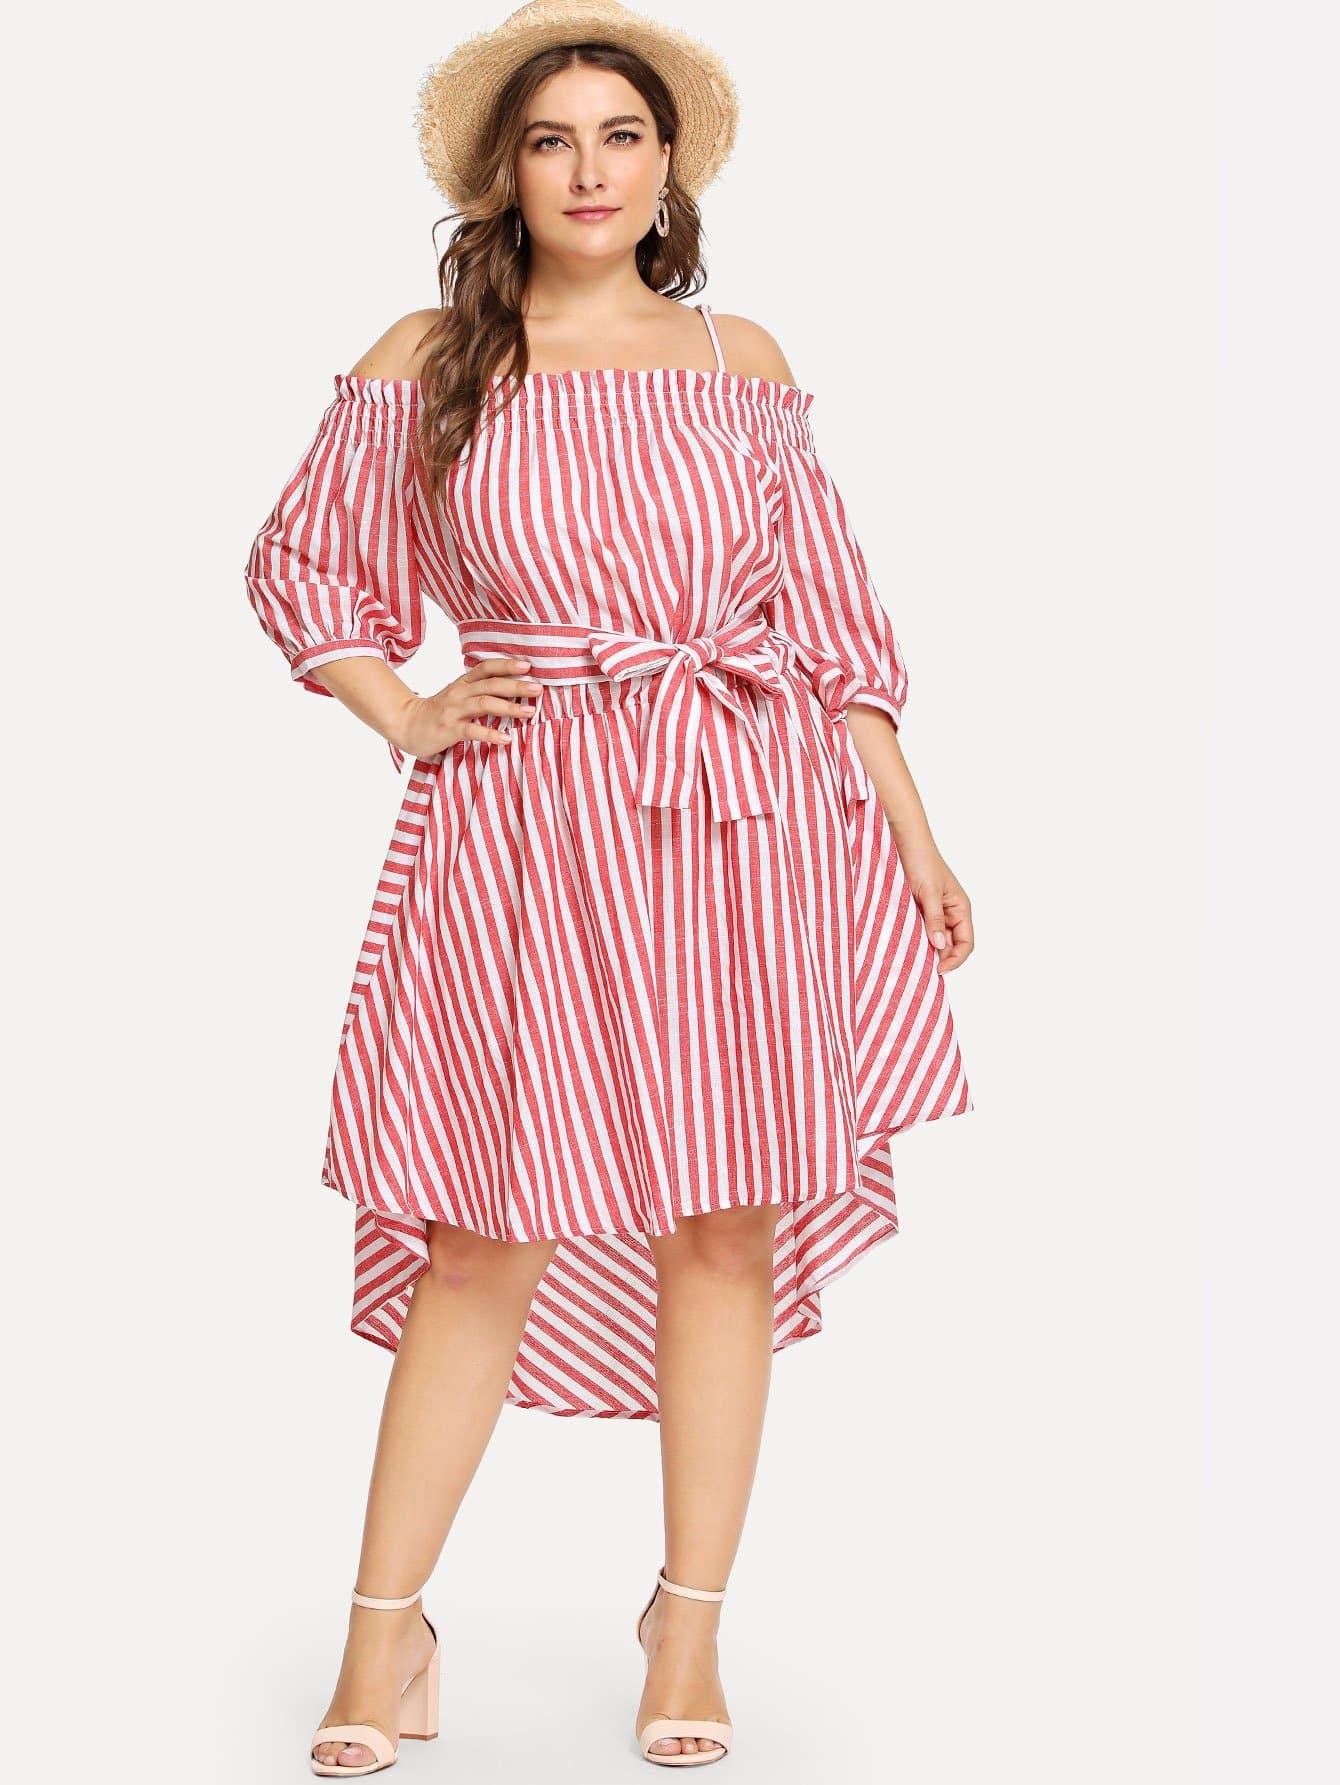 Купить Плиссированное платье без бретелек, Franziska, SheIn